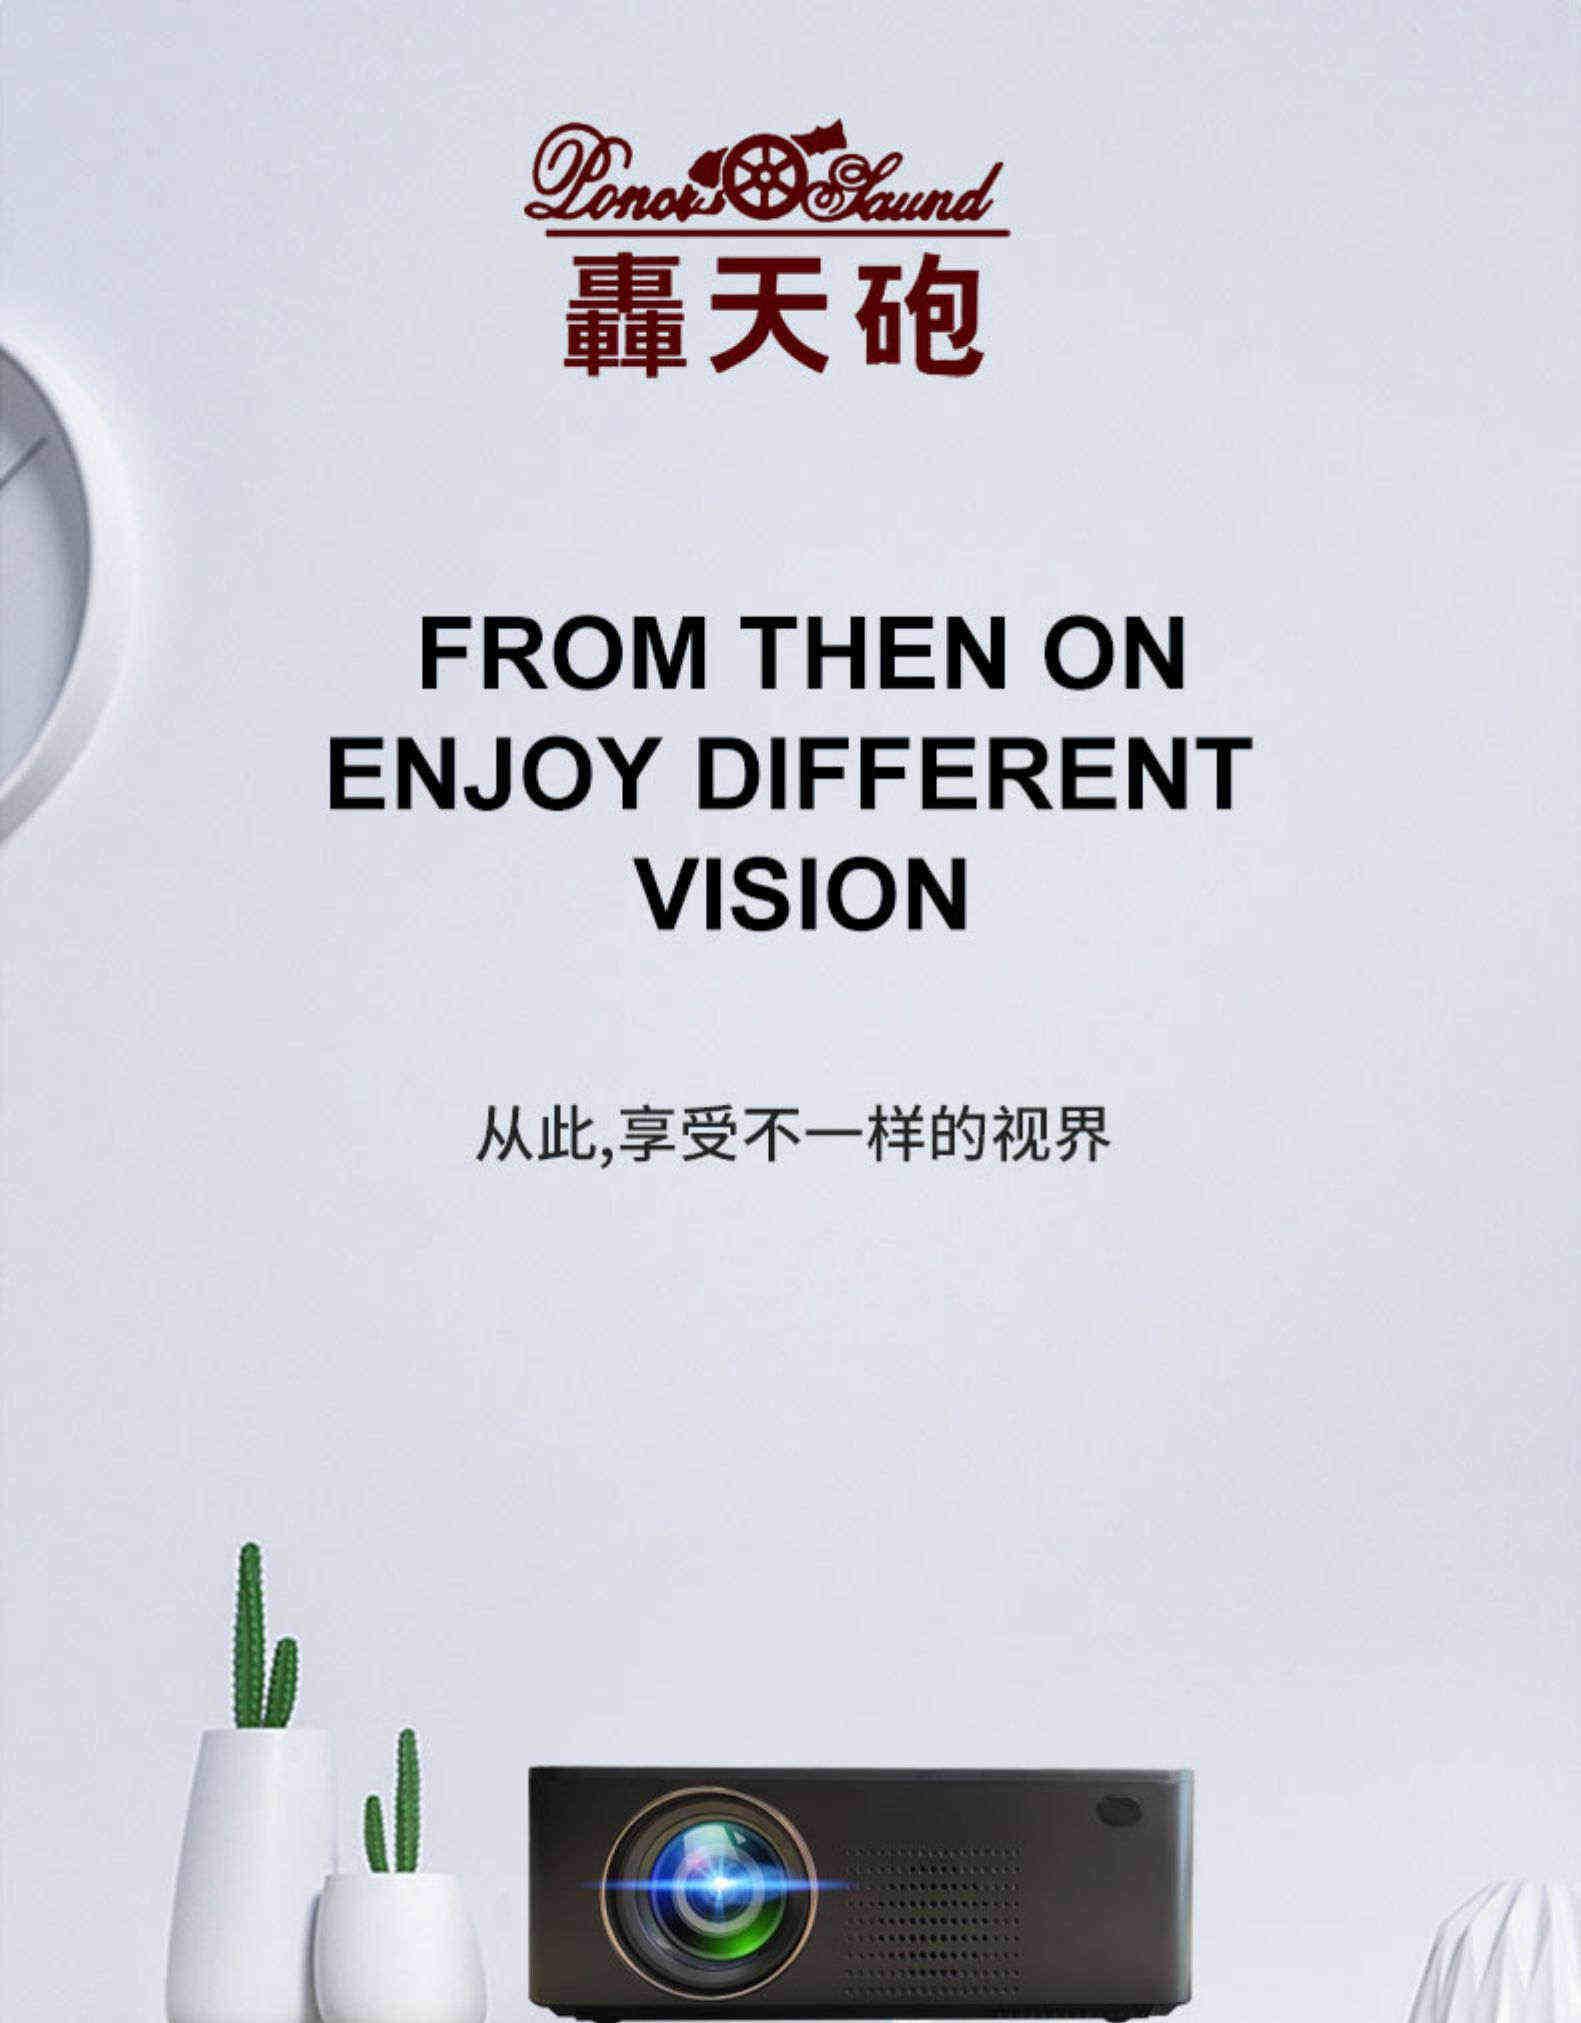 轰天炮新款W8 投影仪家用超高清1080p